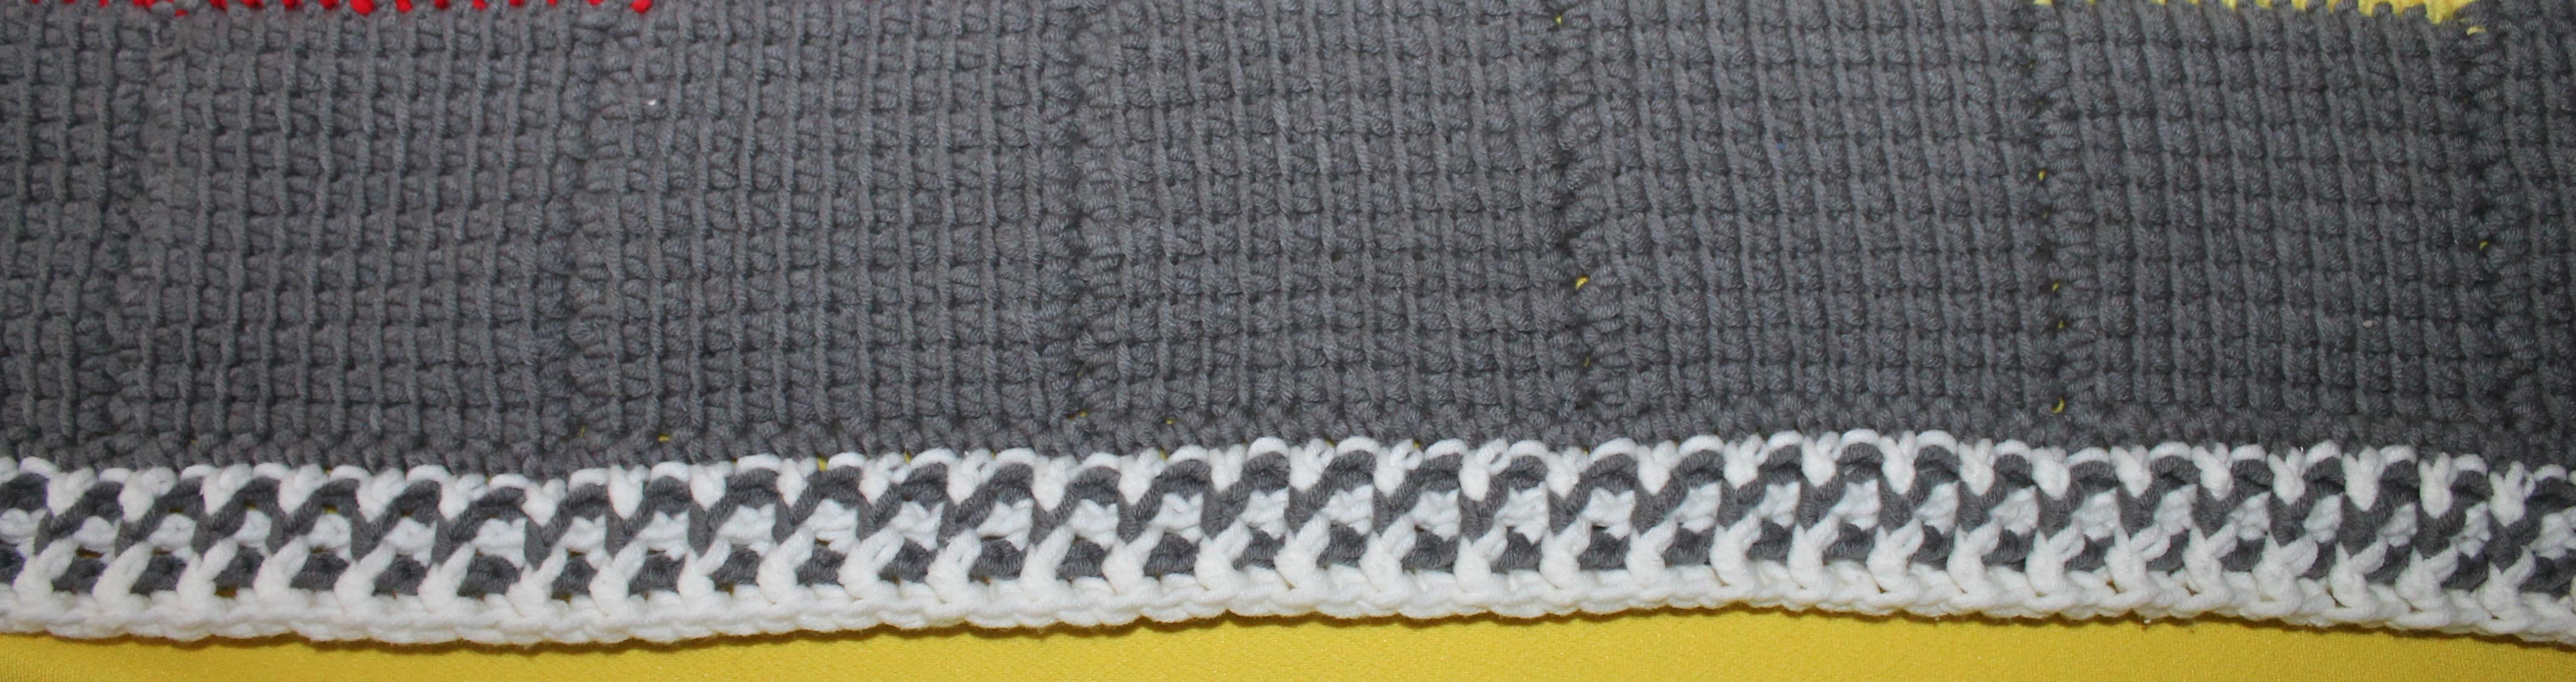 Kuscheldecke Im 80er Design Stricking